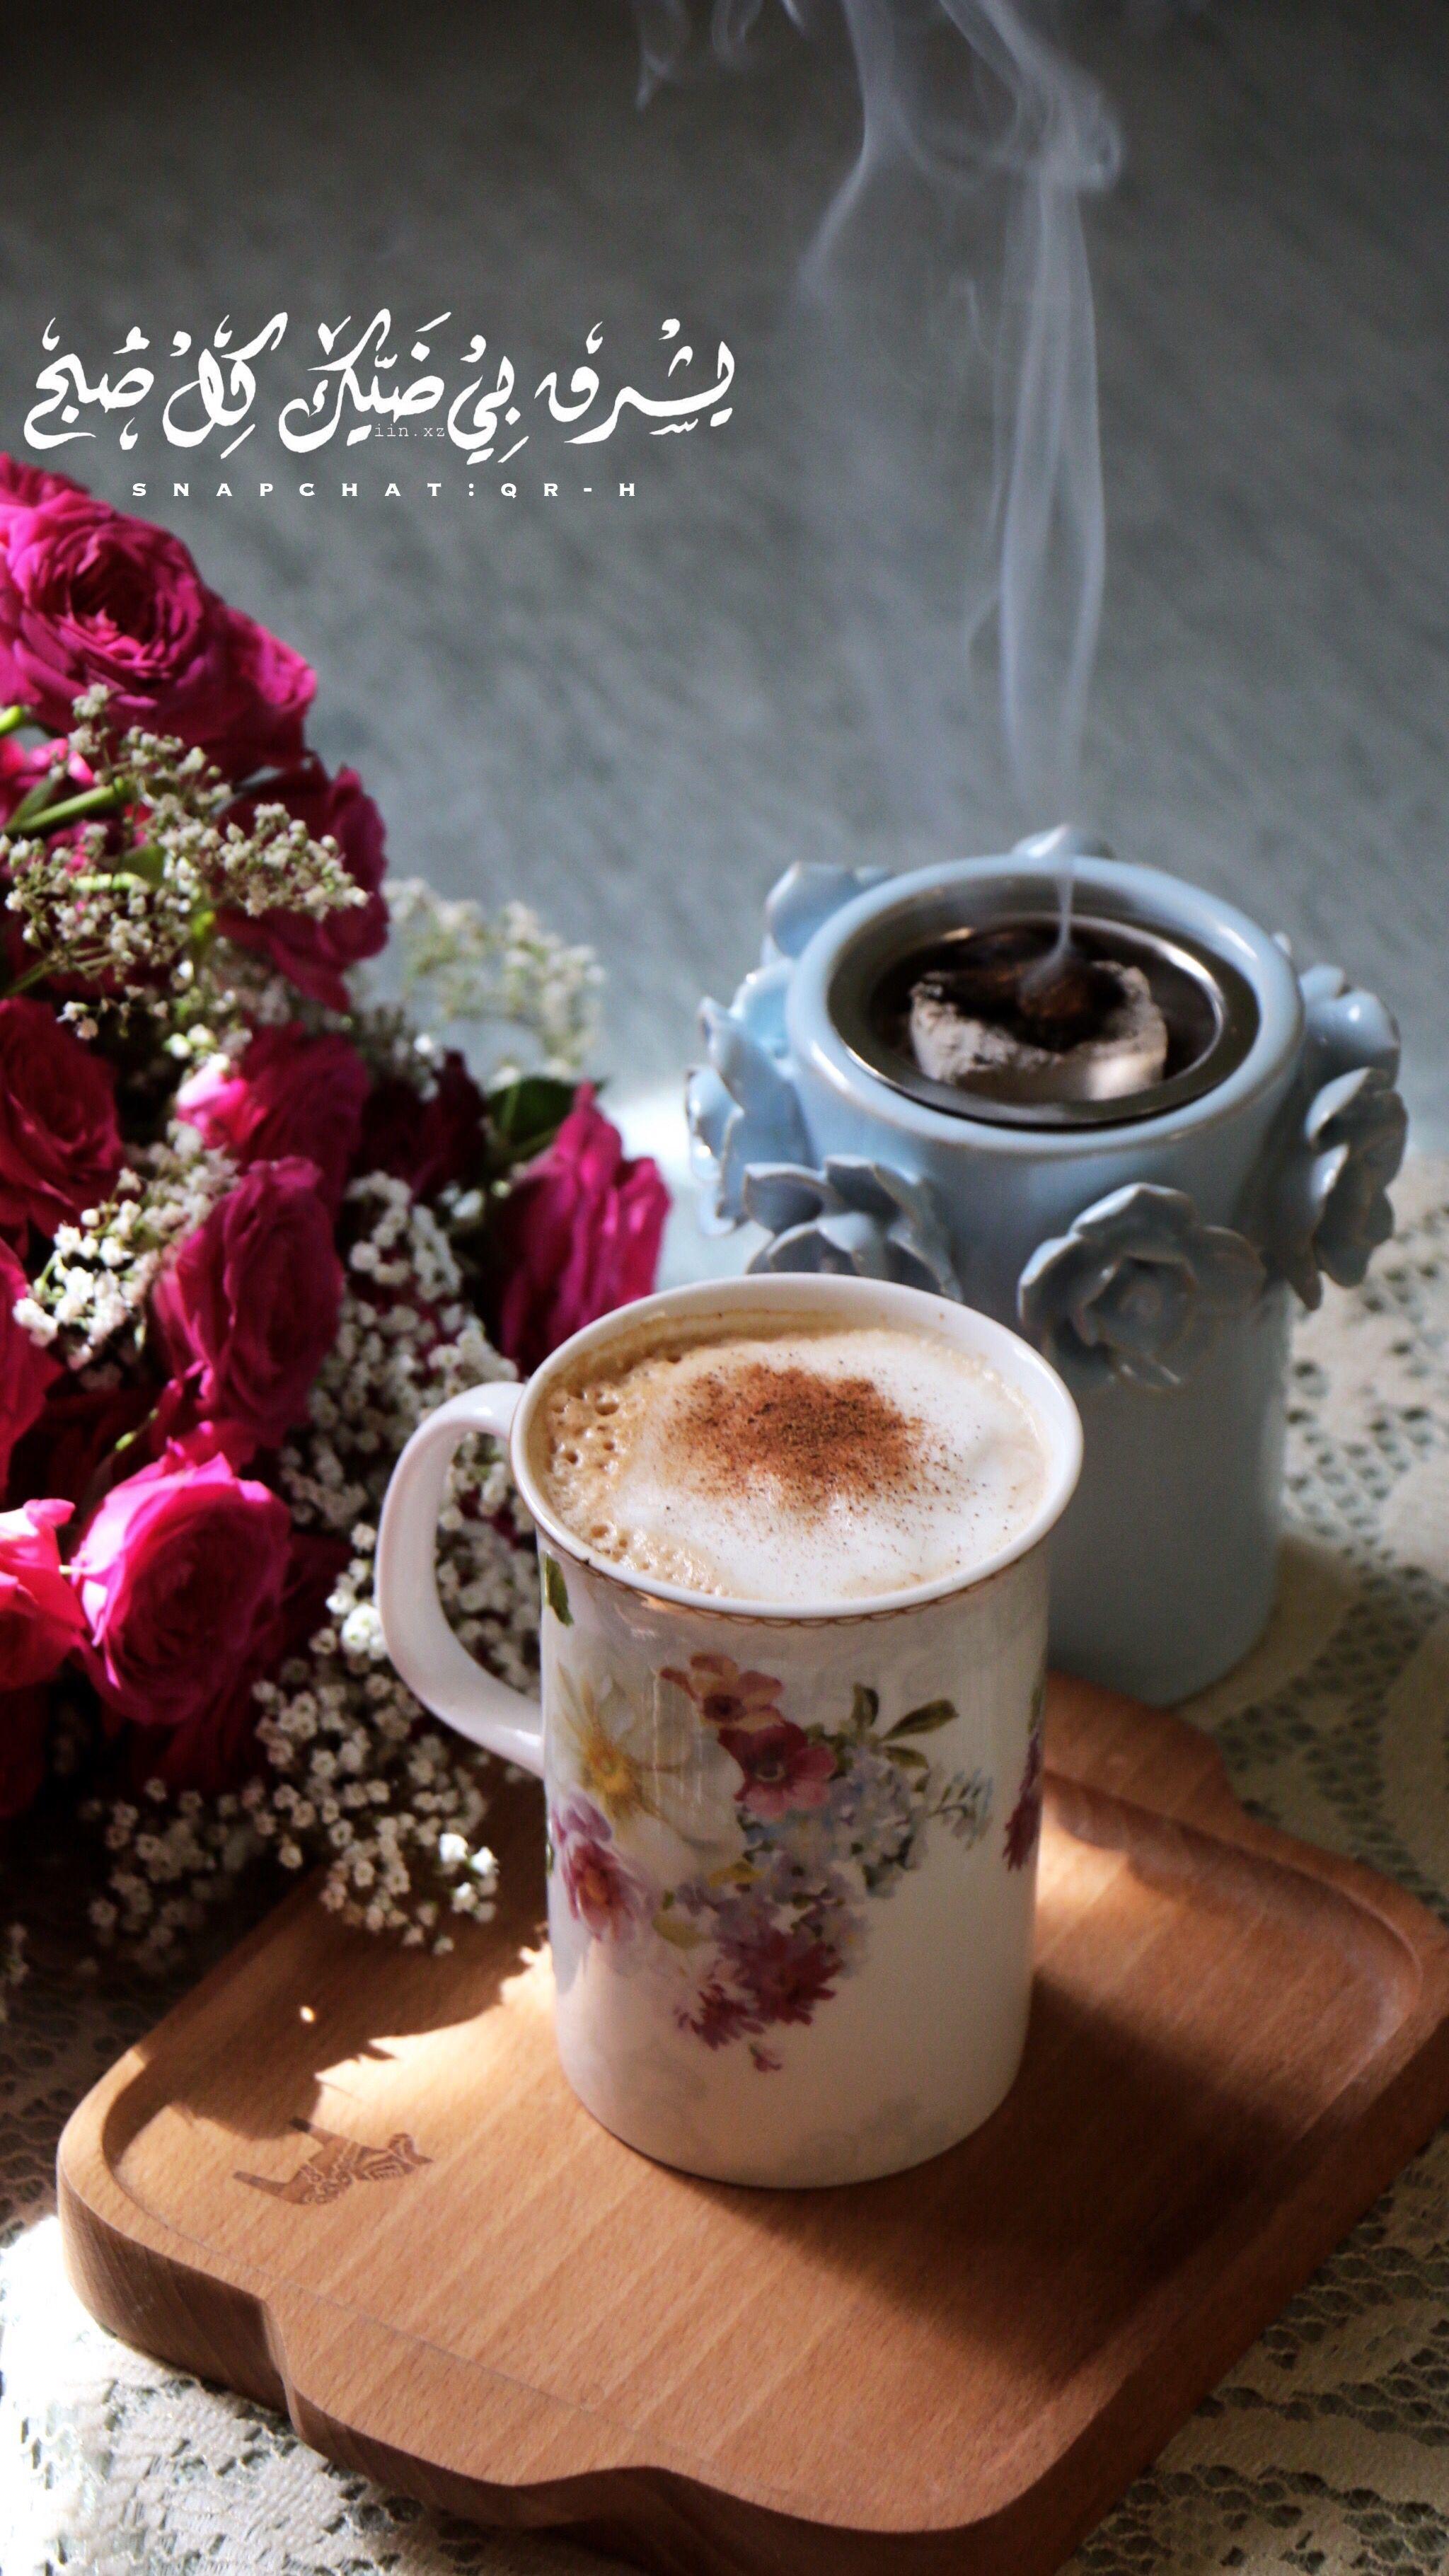 صباح الخير Good Morning Greetings Good Morning Wishes Morning Blessings